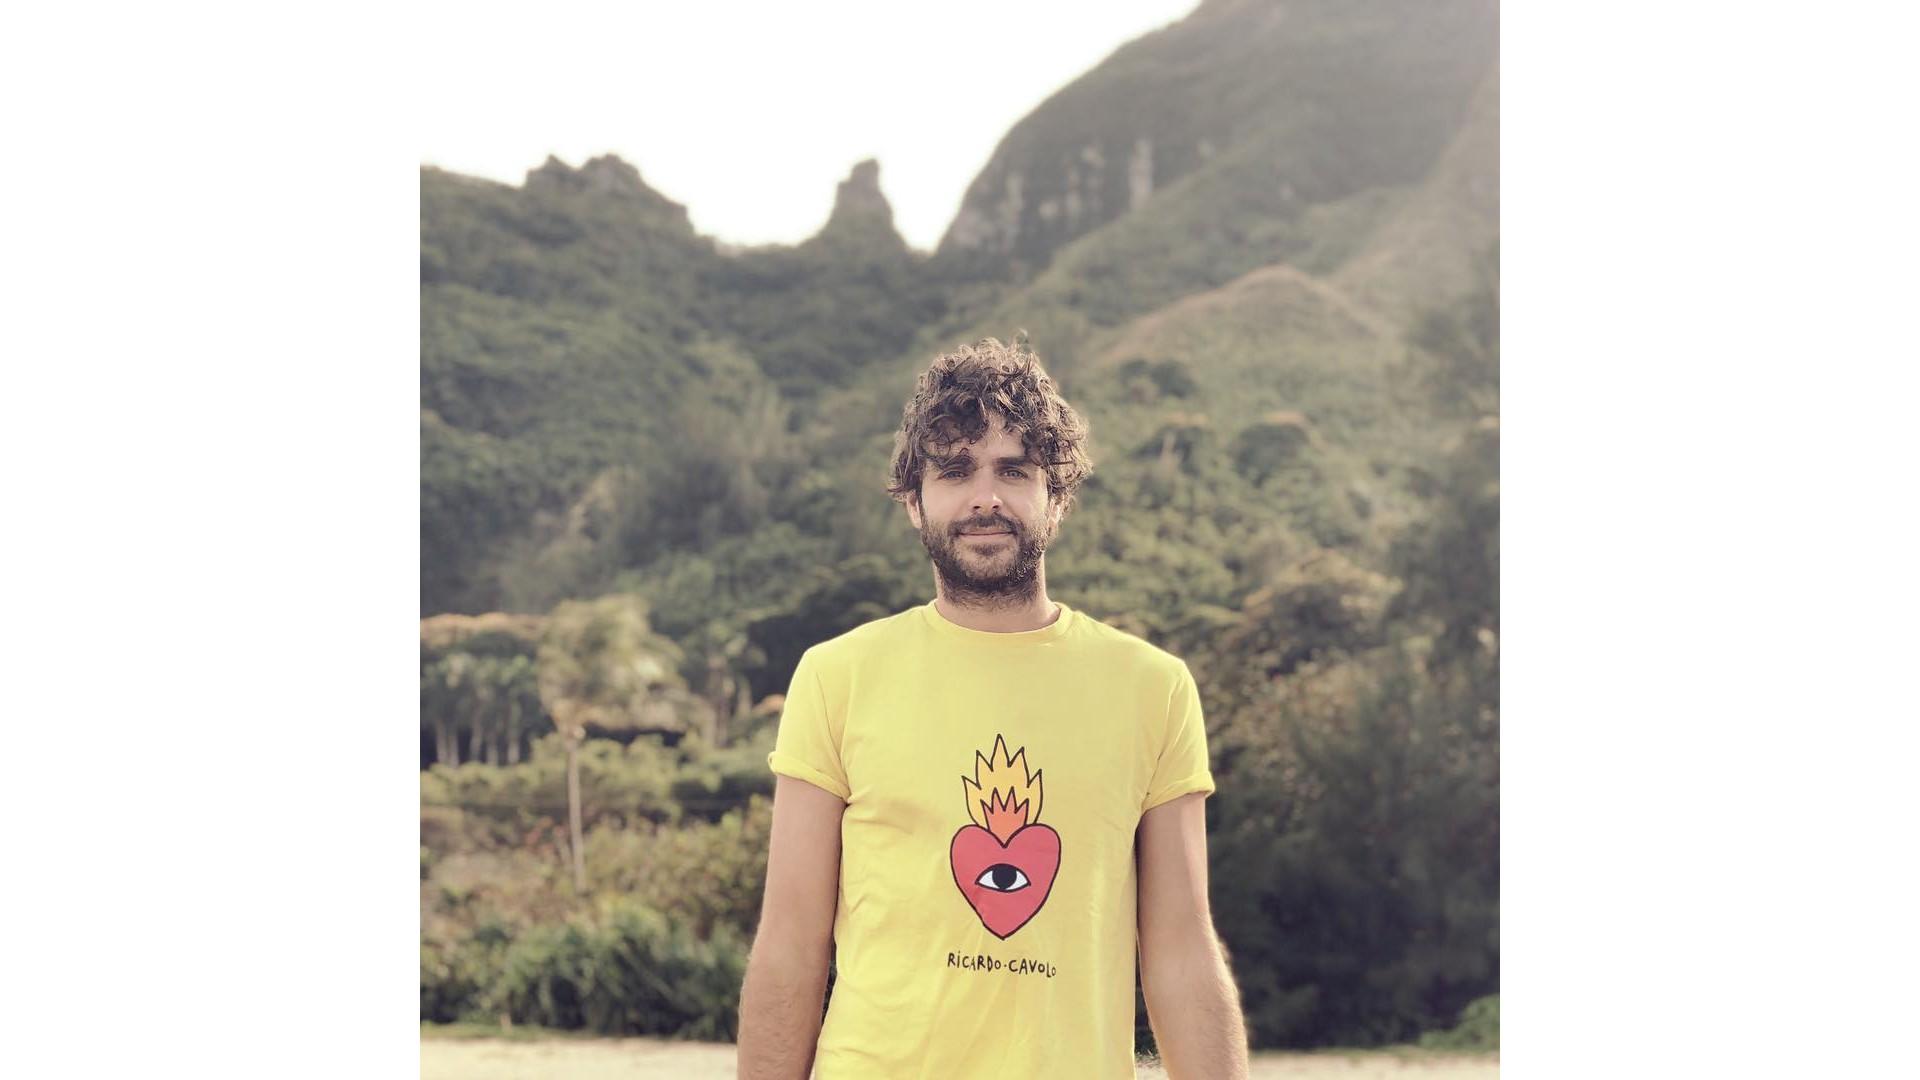 Alex Nevsky et son t-shirt aux couleurs éclatantes